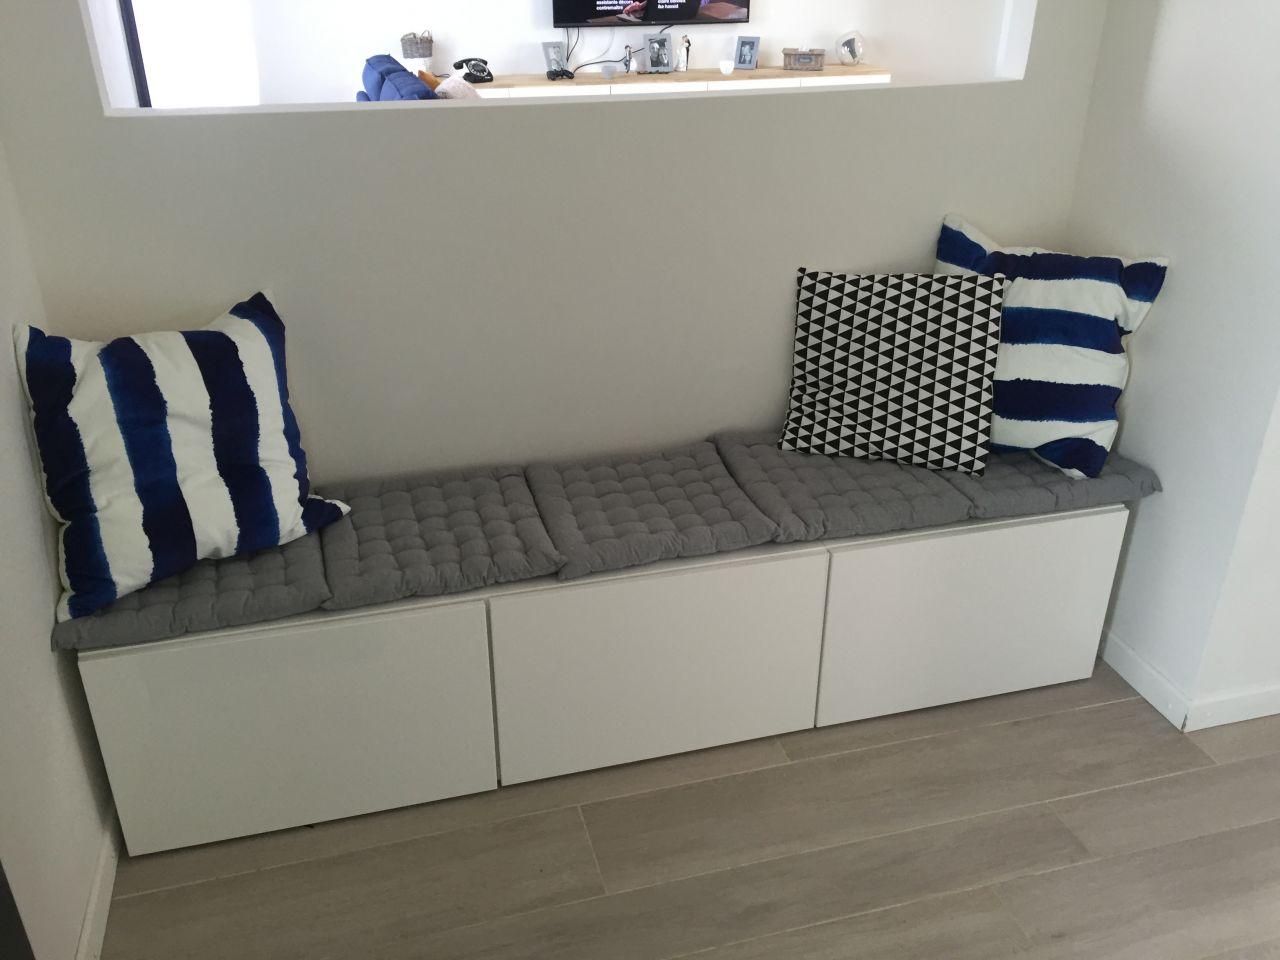 banquette d entr e banquette d entree quelques liens utiles agr able meuble d entree gris 4. Black Bedroom Furniture Sets. Home Design Ideas